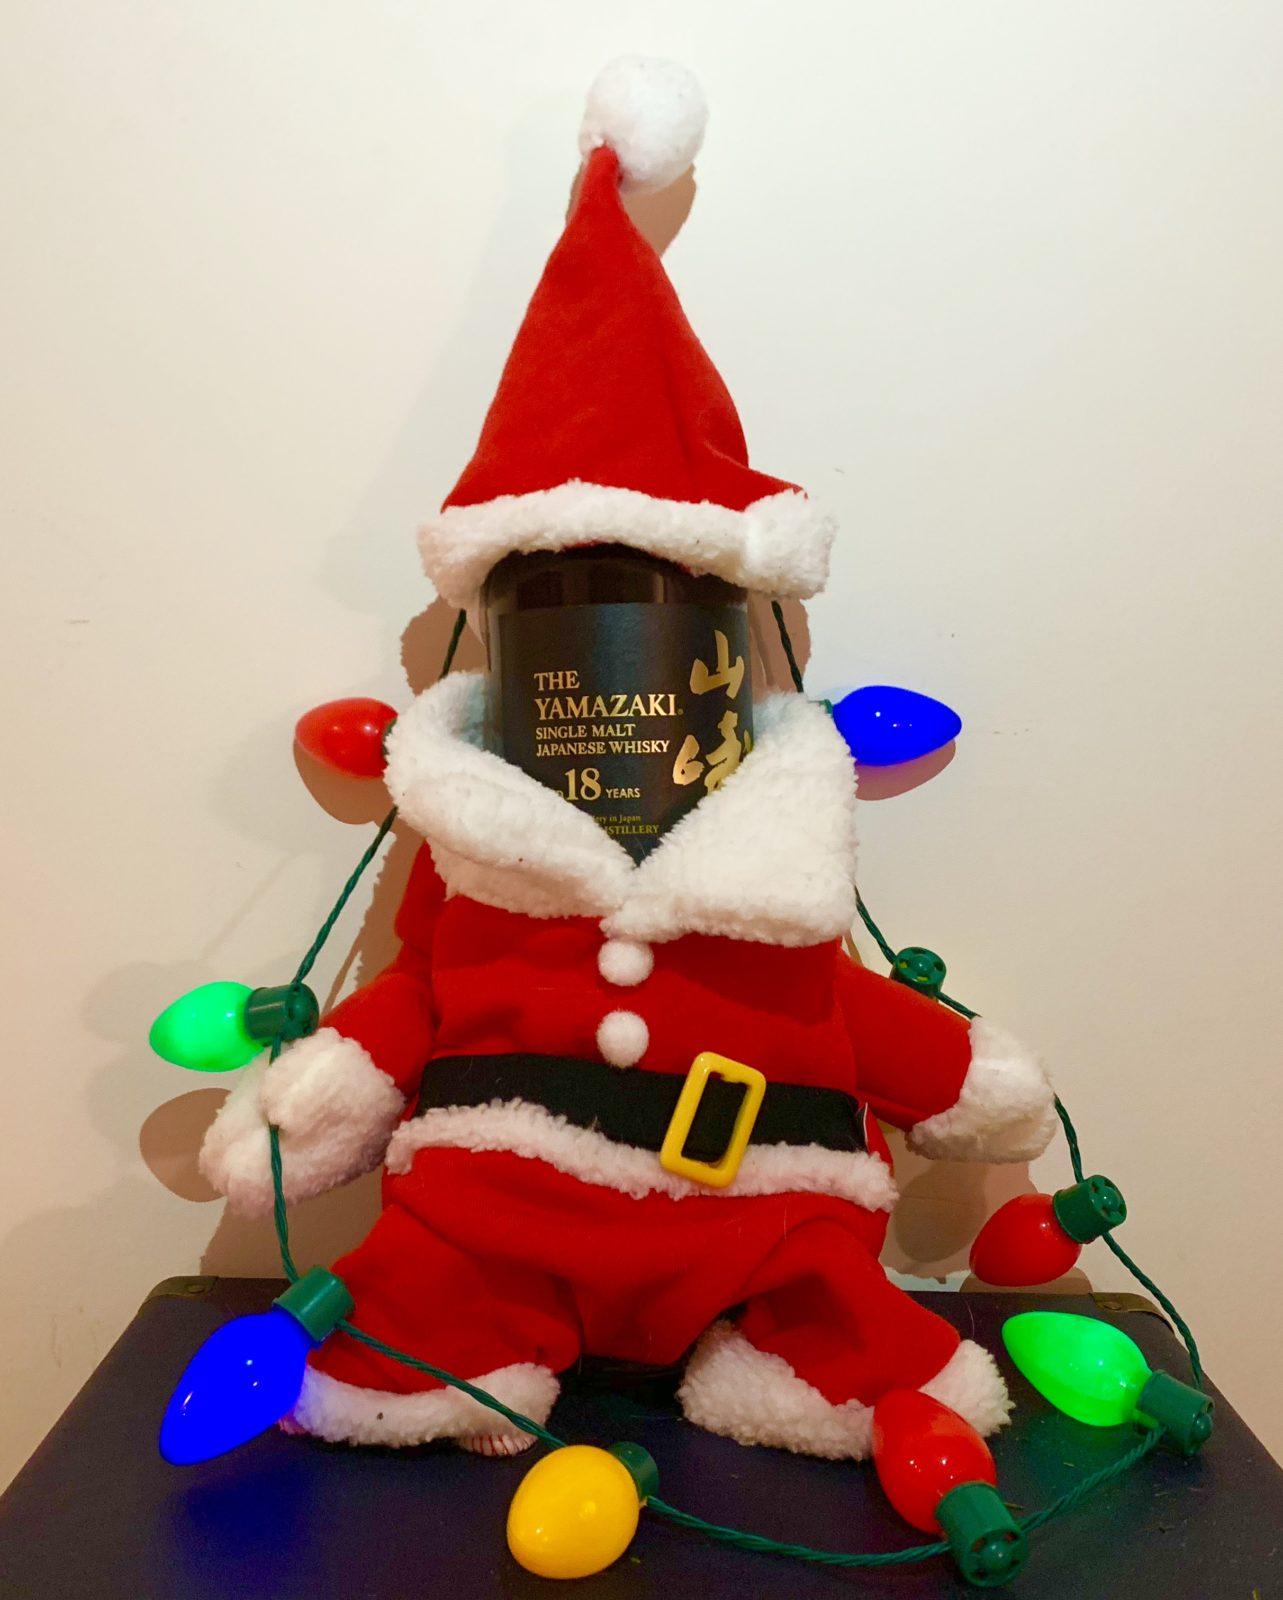 Photo of Yamazaki 18 Whisky in Santa Costume from David in New York